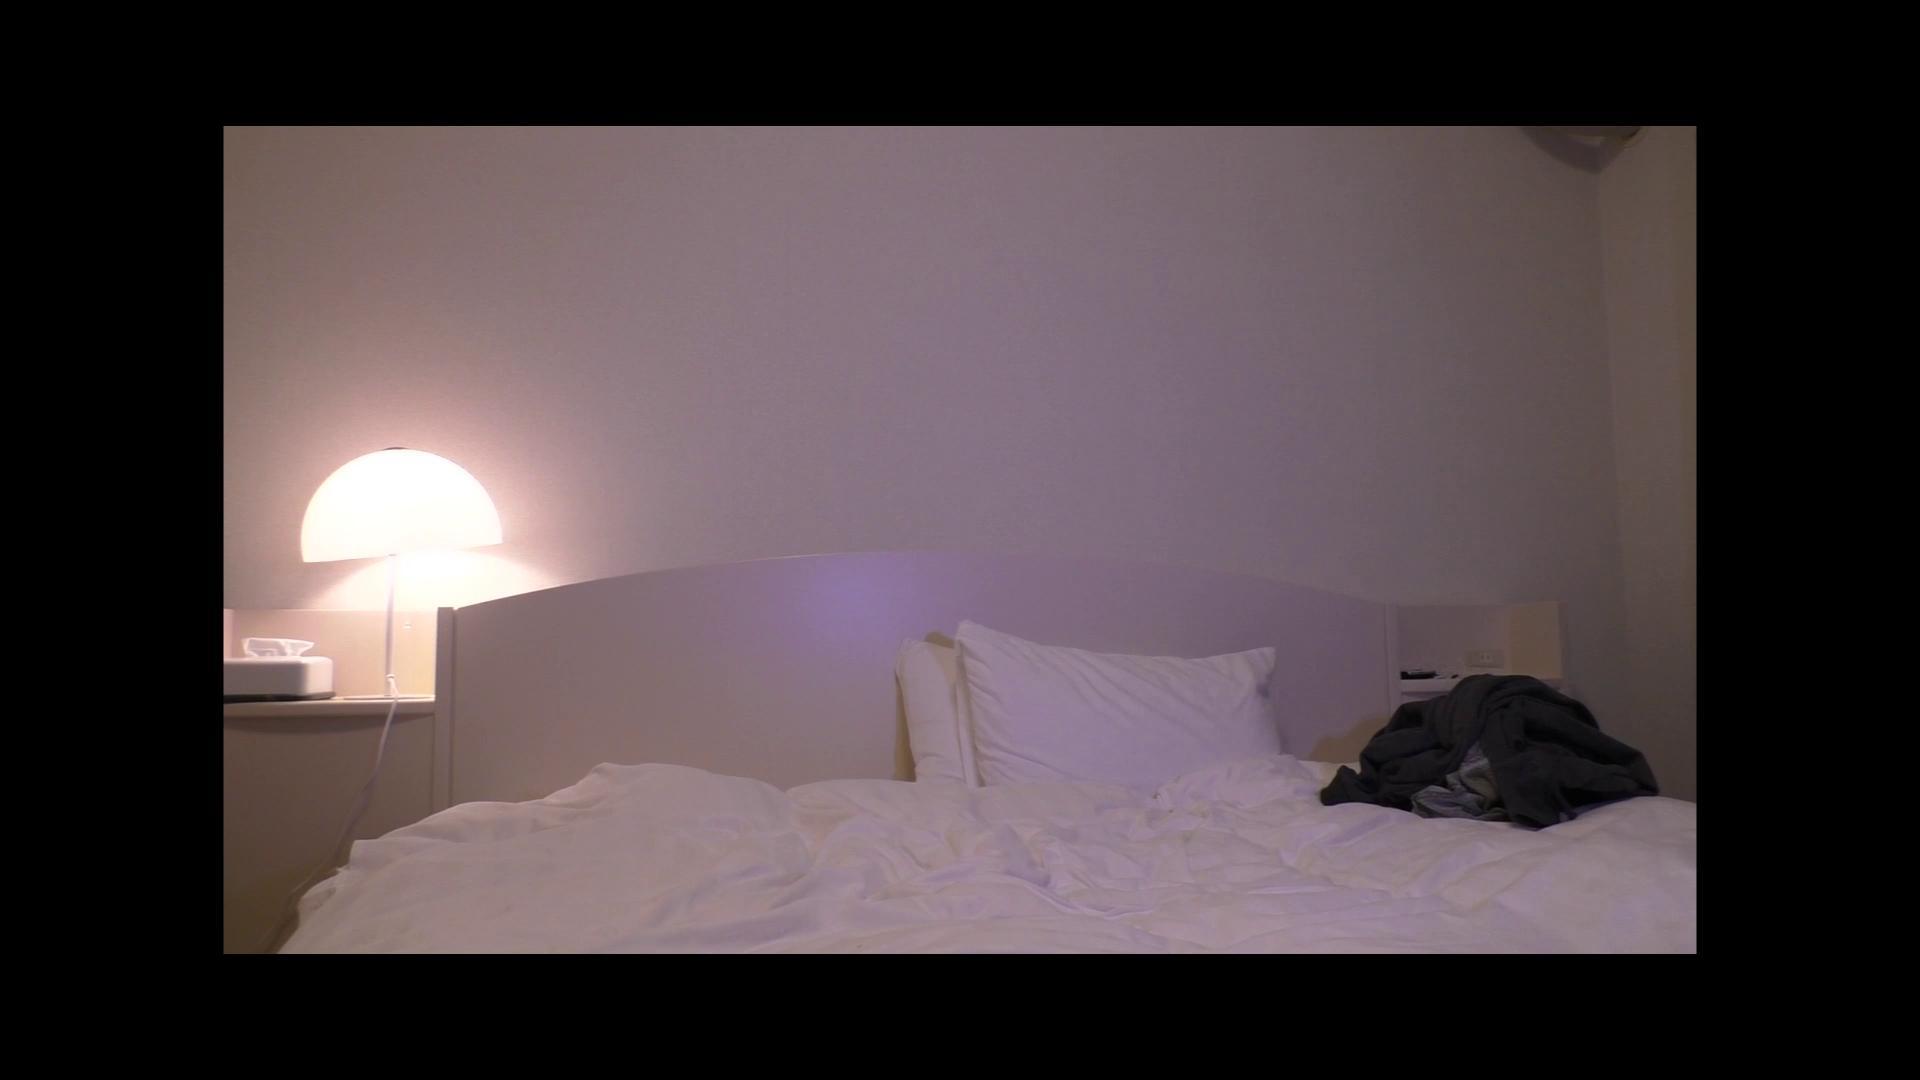 無修正セックス盗撮:ホストのお仕事1~vol.3  罰は痛~いアナル挿入:隠し撮り